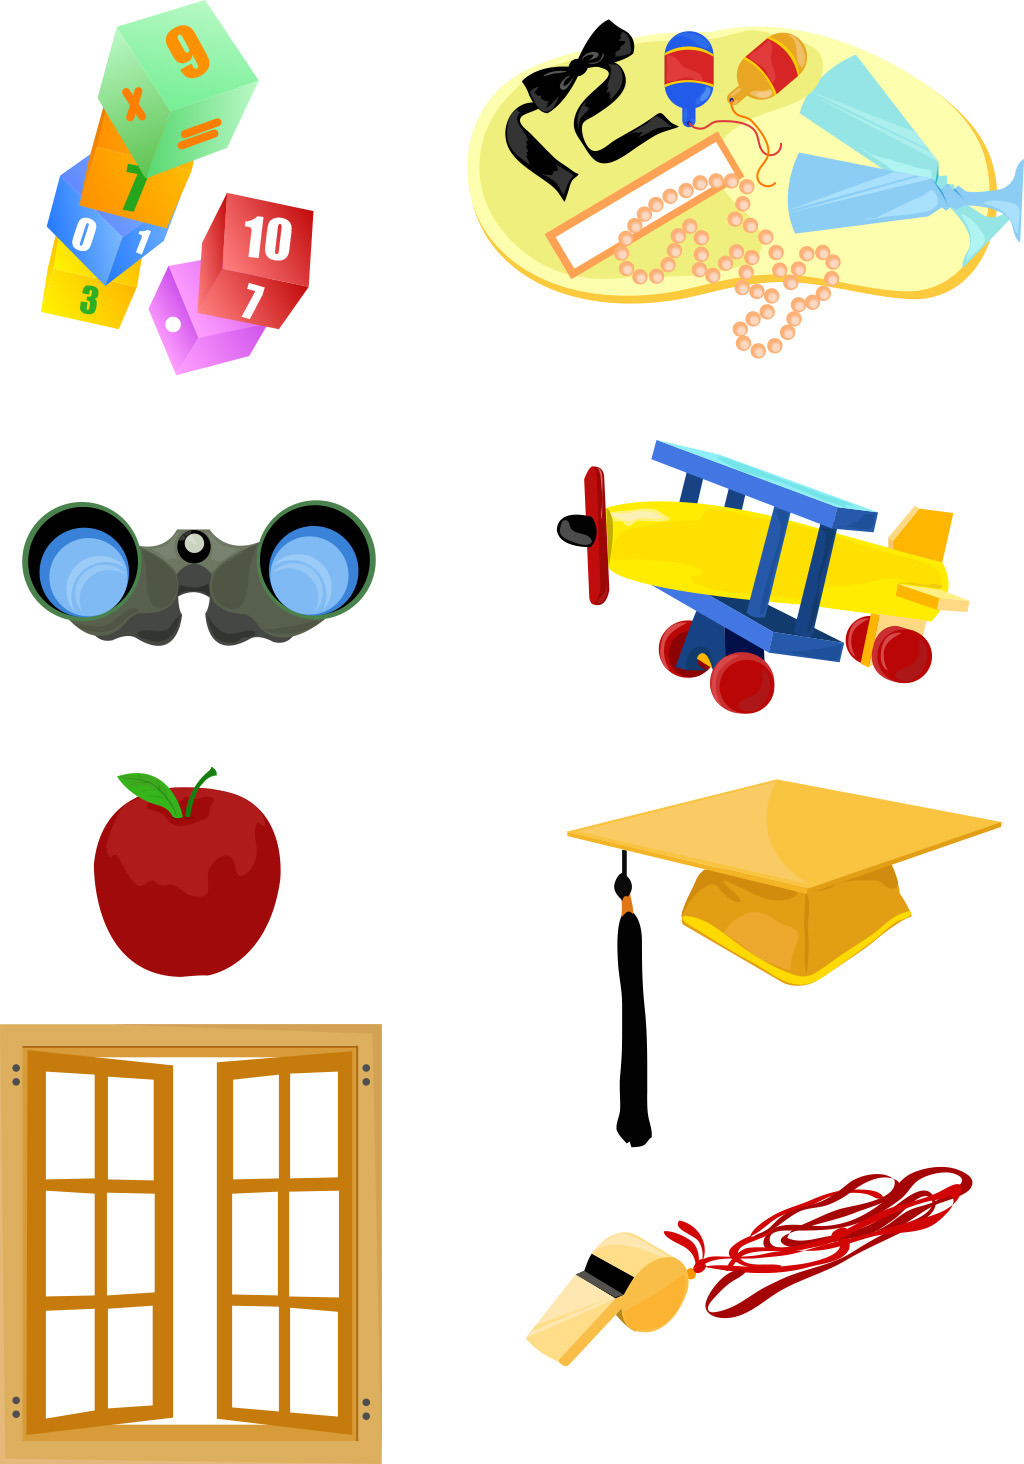 积木玩具图标图片下载积木玩具图标下载